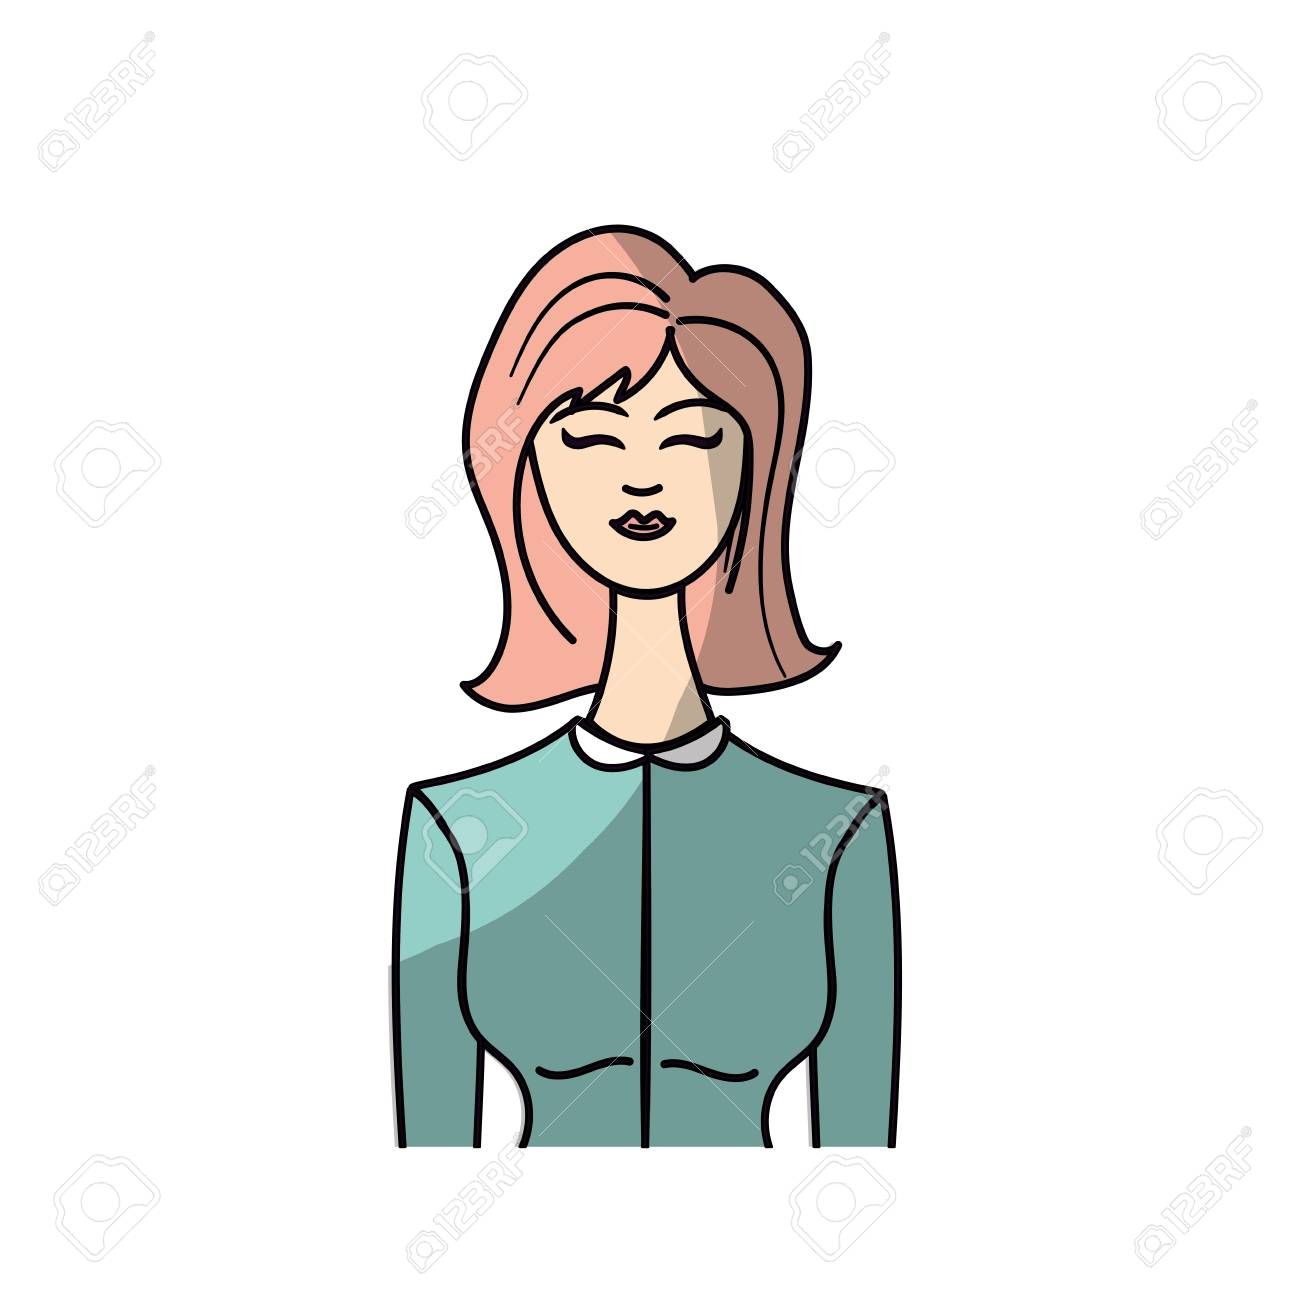 かわいい女性の髪型とエレガントなブラウスは、ベクトル イラスト